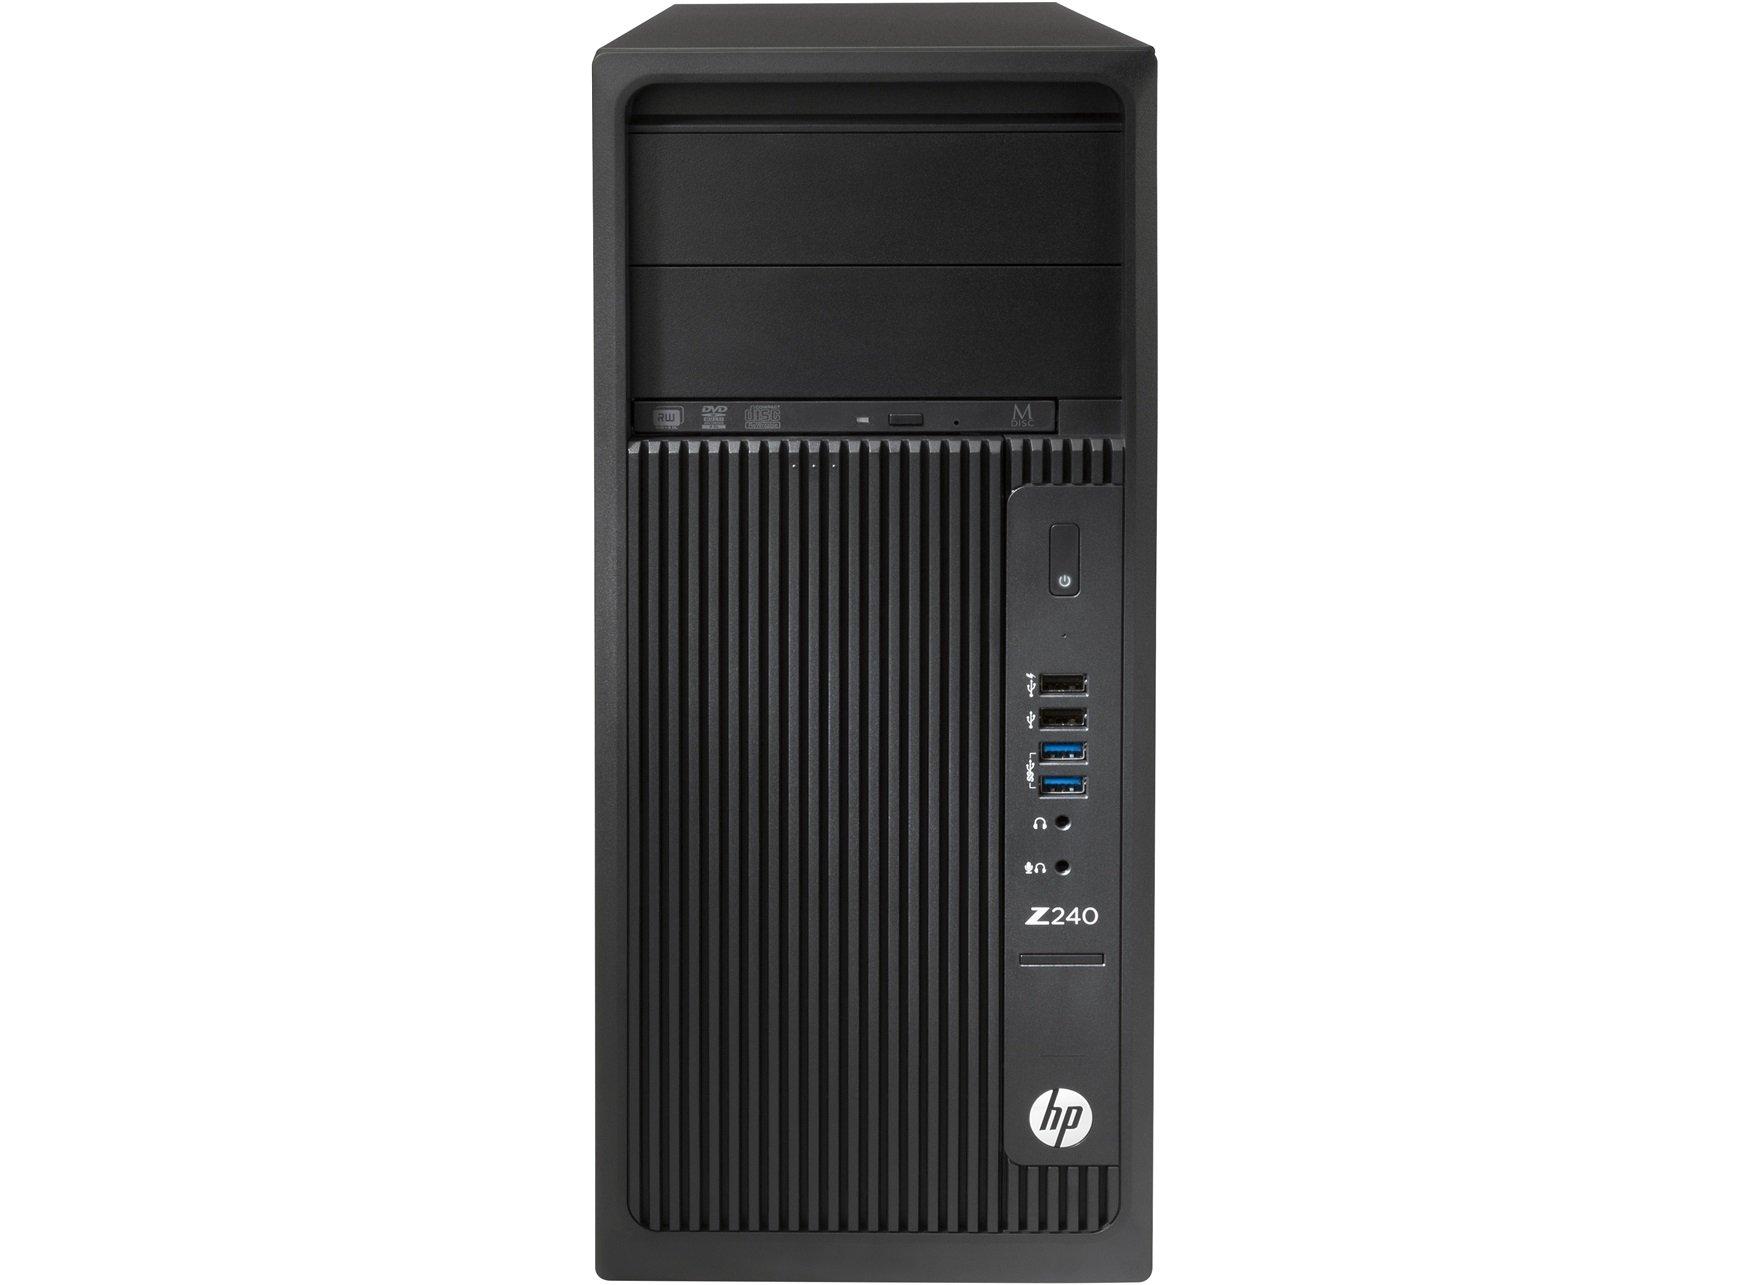 HP T4N77UT#ABA SMART BUY Z240T WKSTN I7-6700 by HP